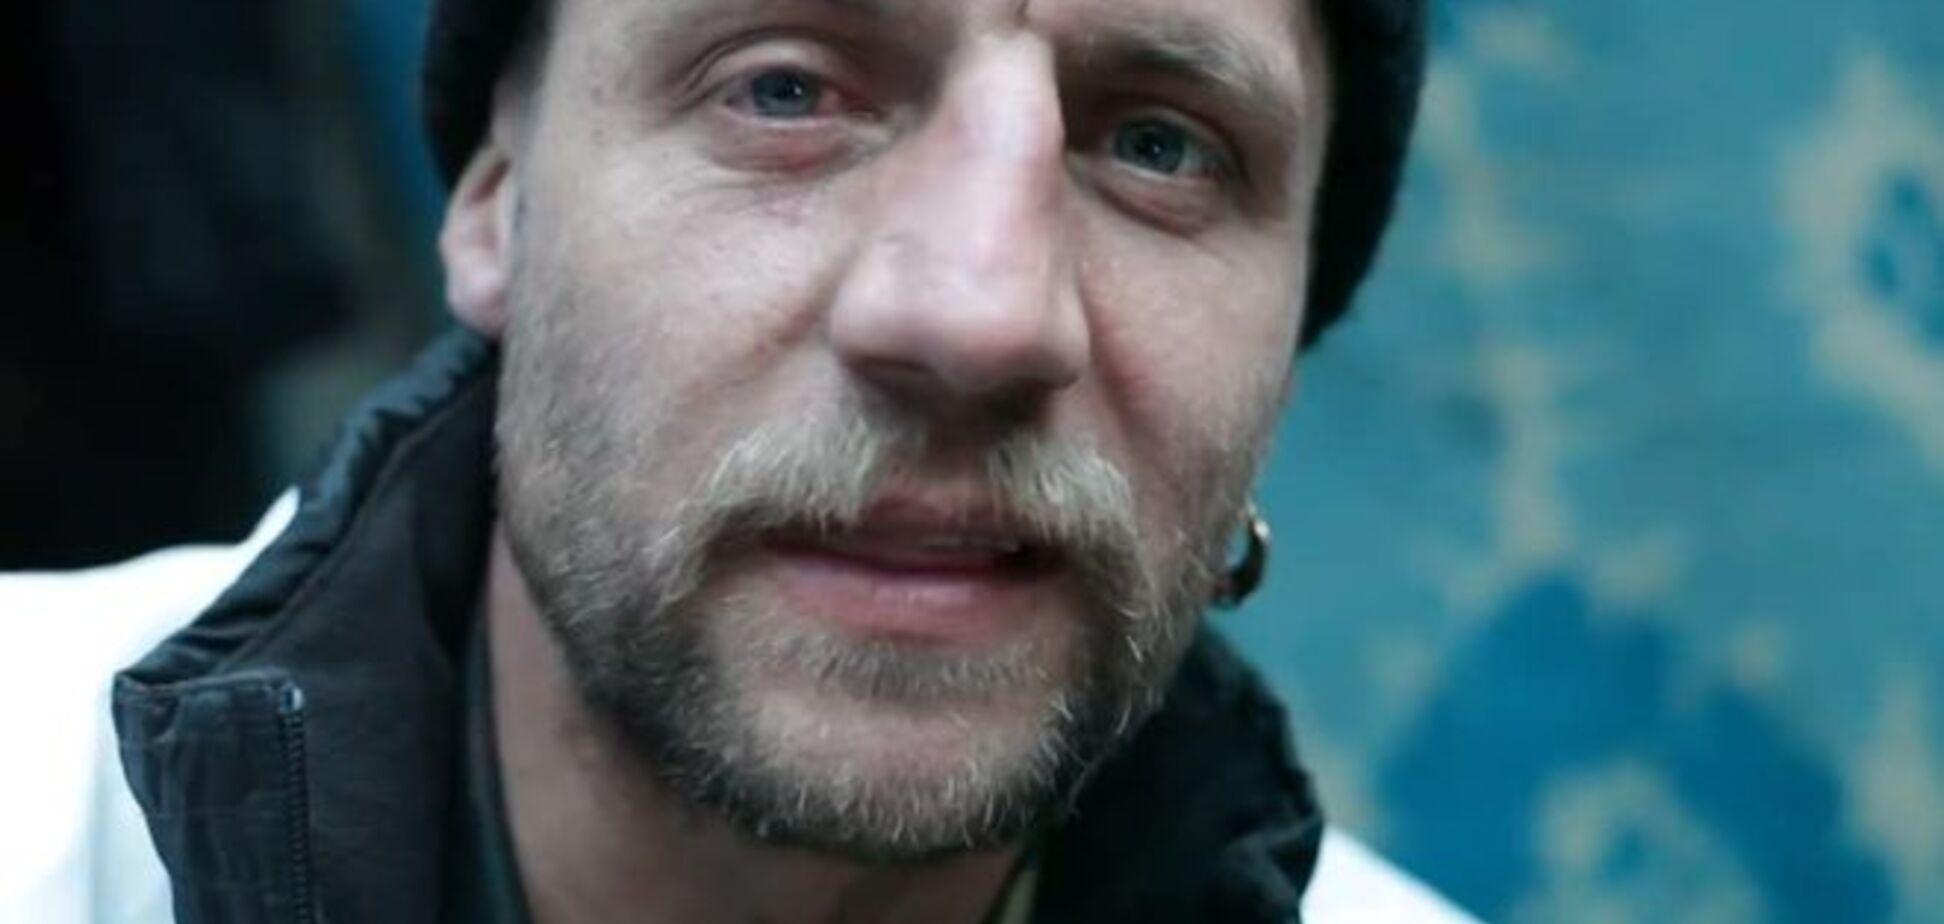 ГПУ отправила в суд дело о пытках козака Гаврилюка